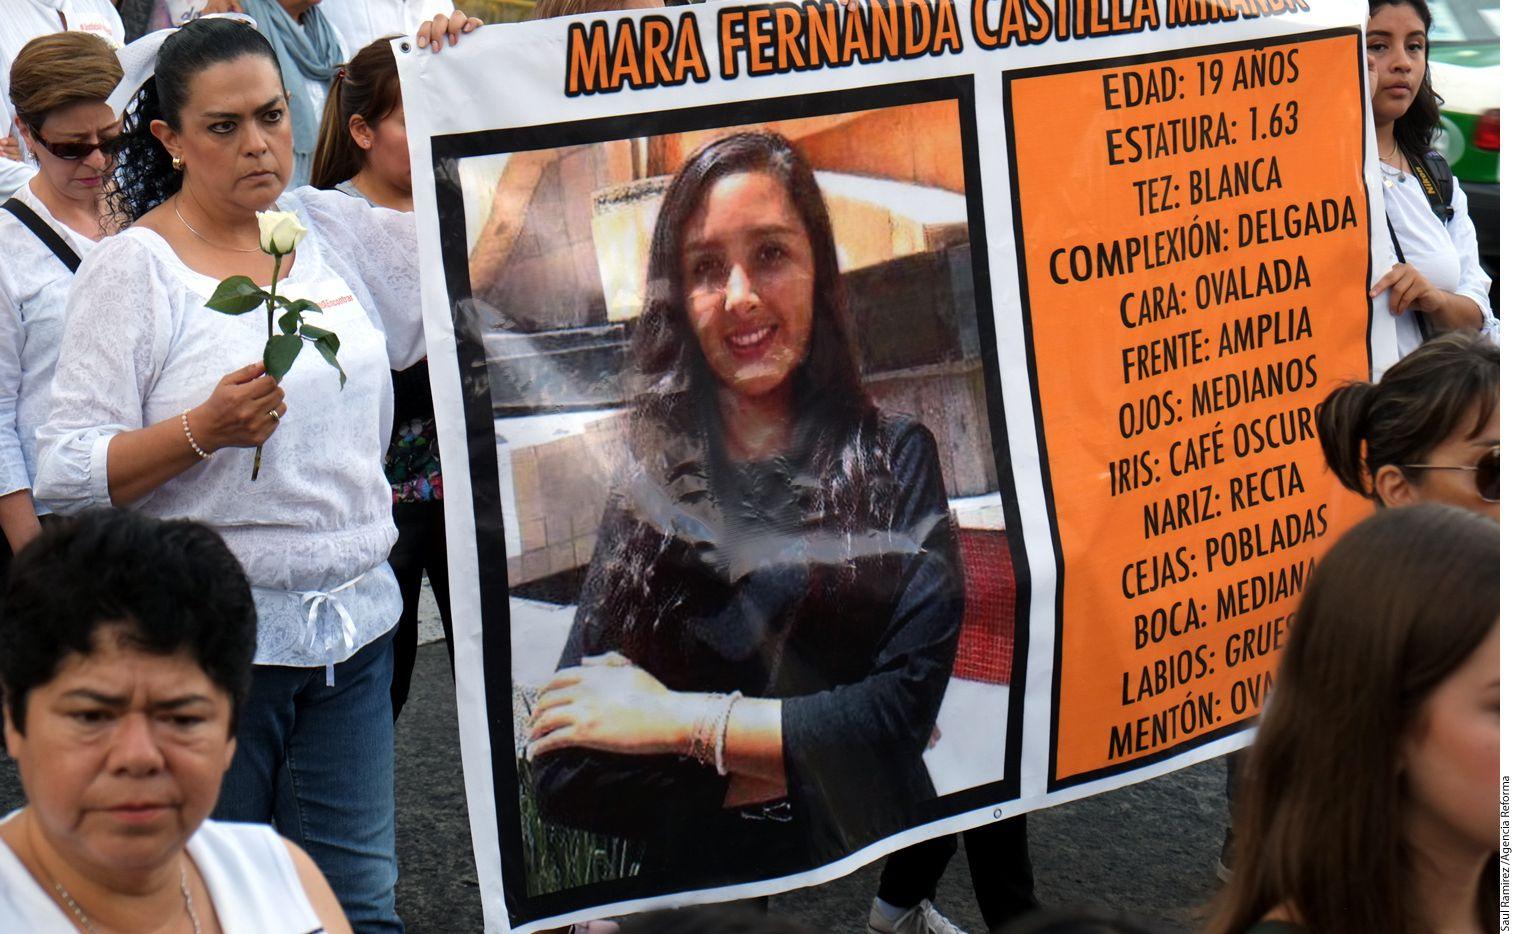 """""""Ni una más, ni un más. No queremos ni una más"""", continuó gritando la multitud, antes de comenzar a avanzar como una gran mancha blanca por las calles de Xalapa. Foto AGENCIA REFORMA."""